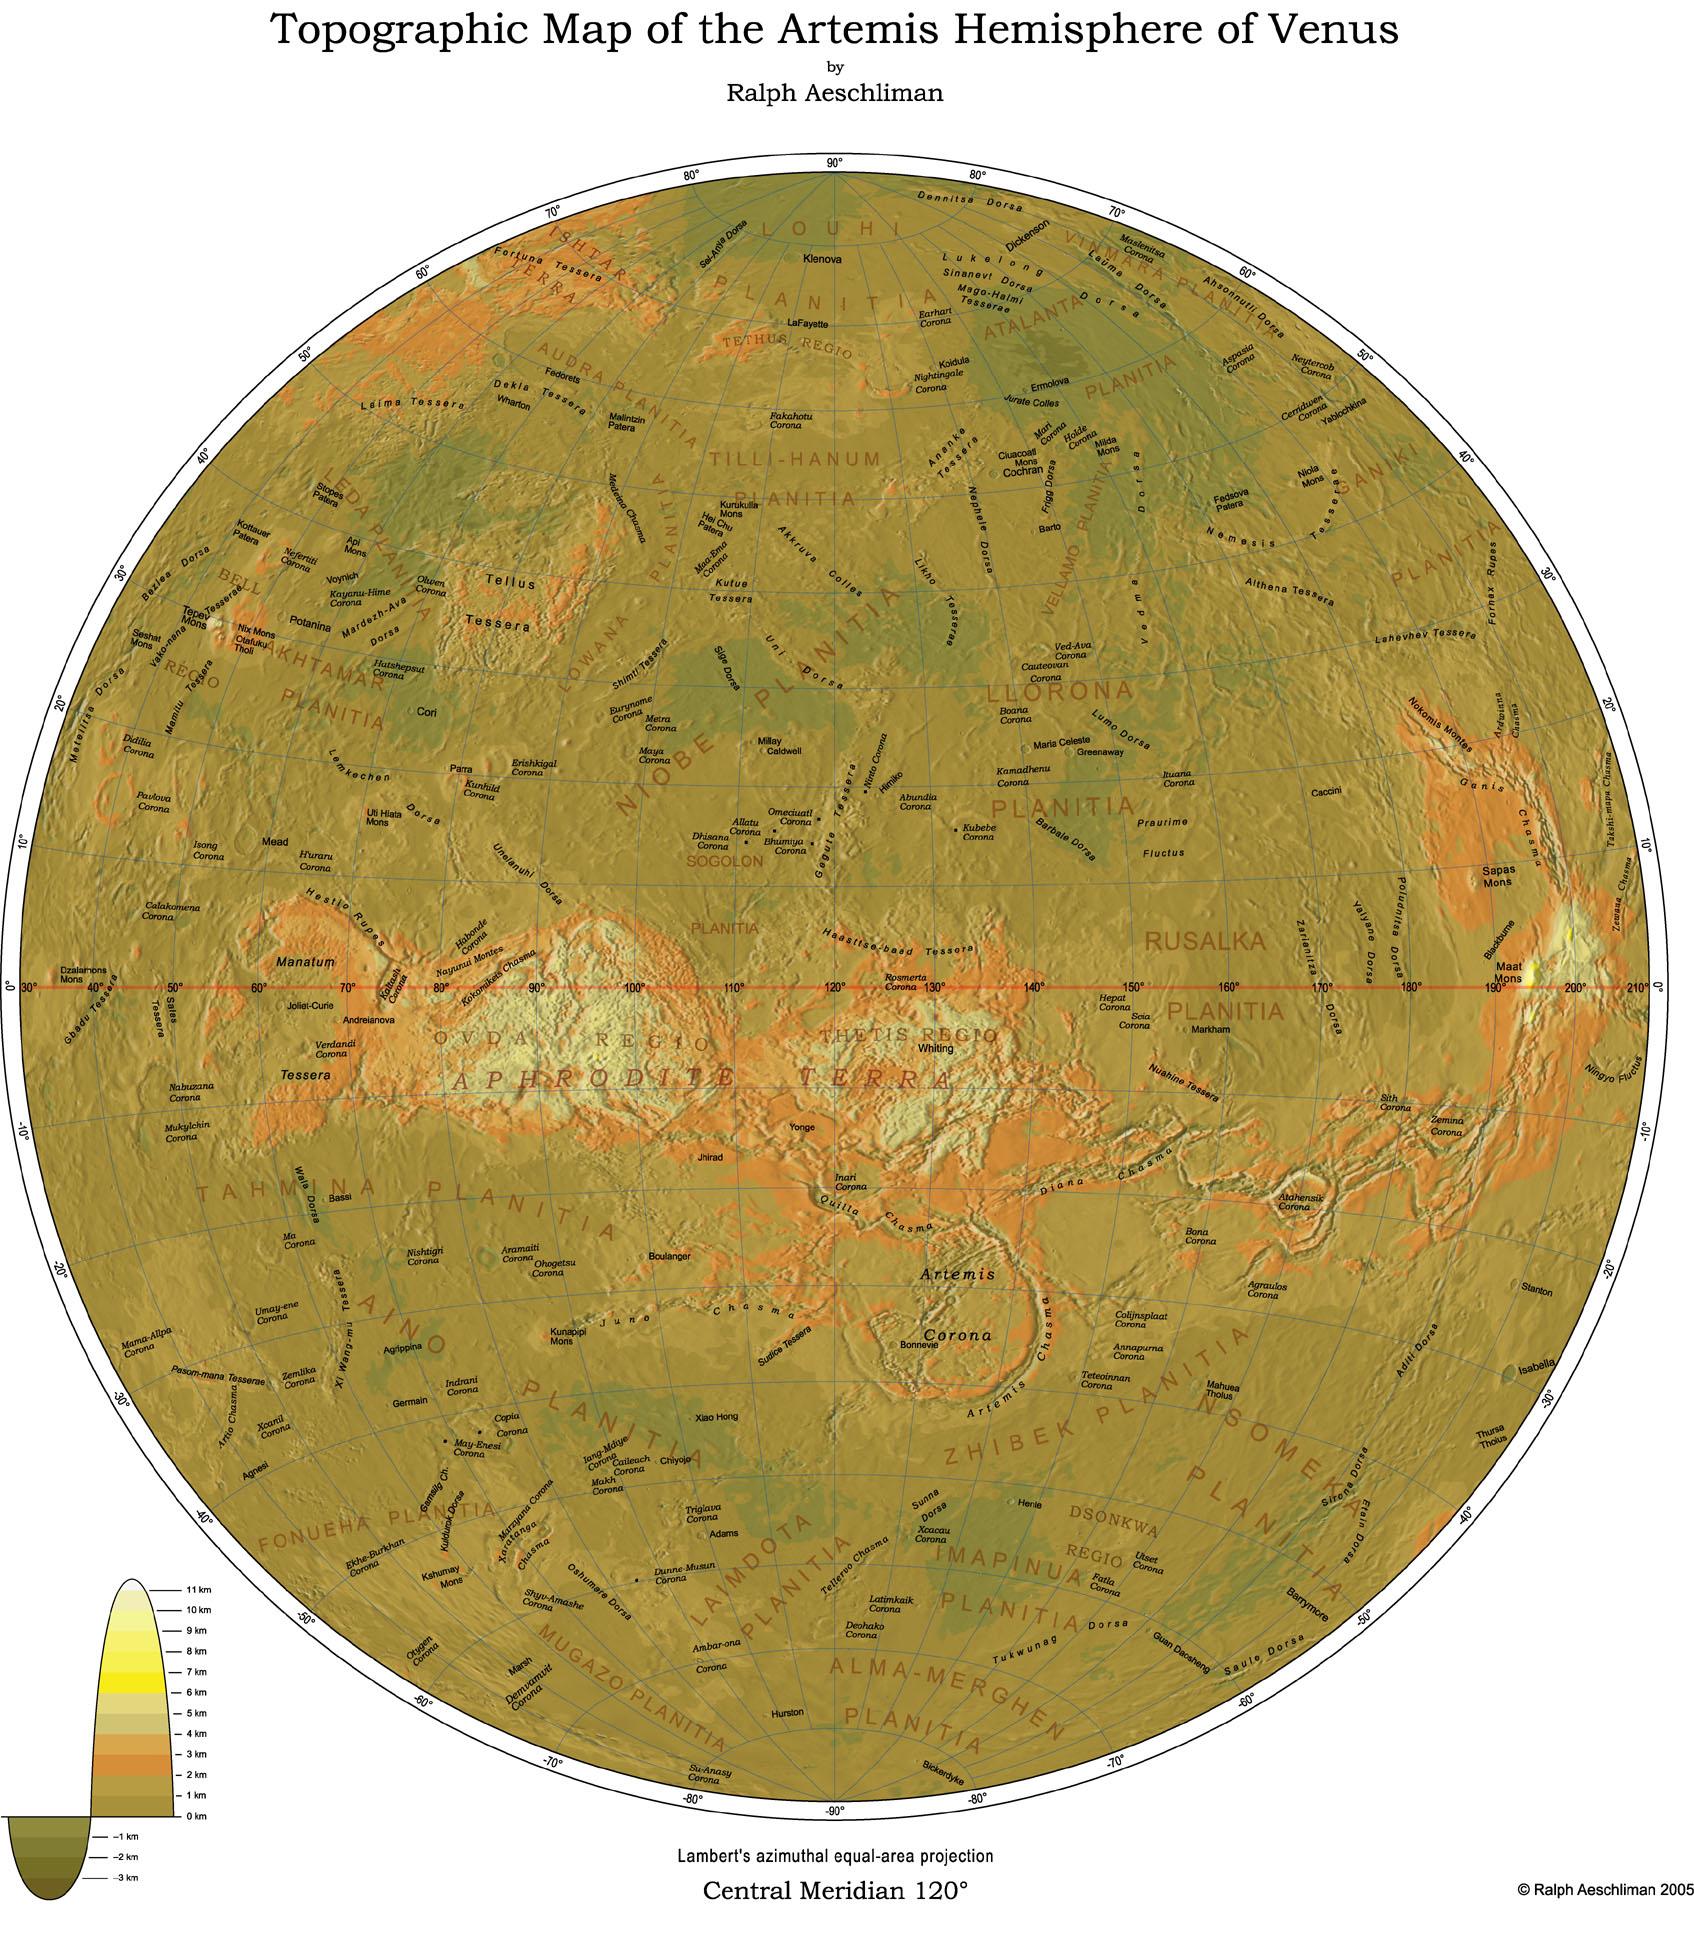 Gallery4 Map Of Venus on